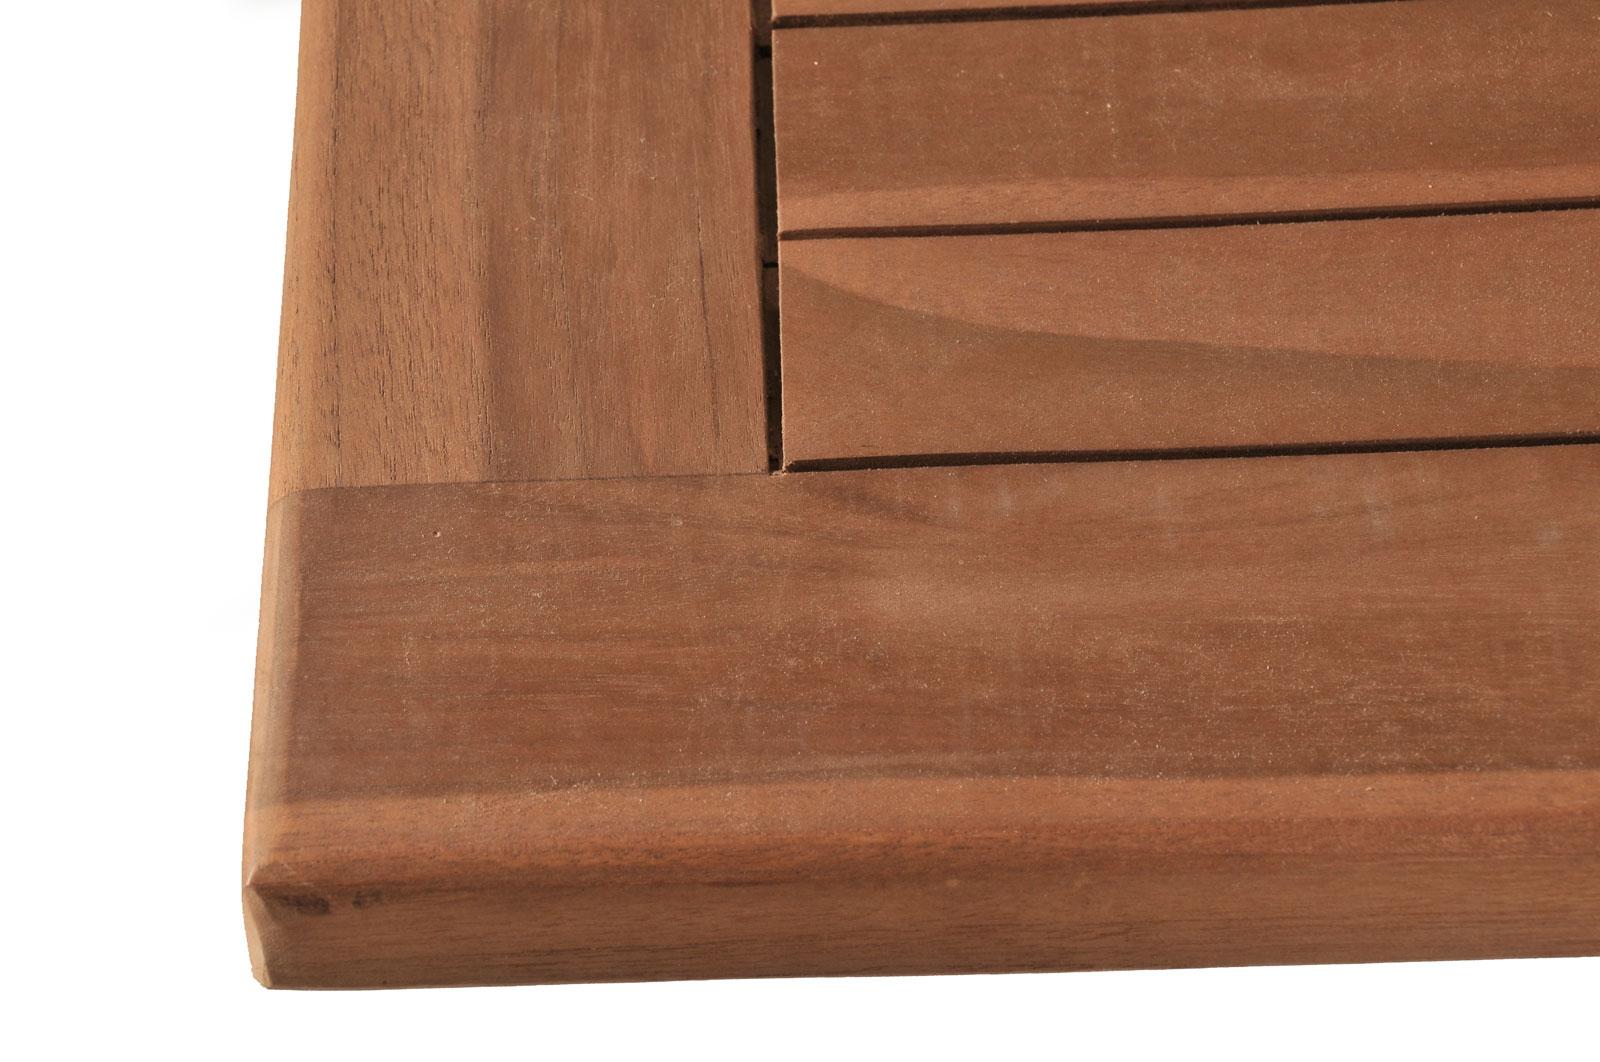 sam gartentisch a klasse teak holz 150 200 cm x 100 jambi. Black Bedroom Furniture Sets. Home Design Ideas